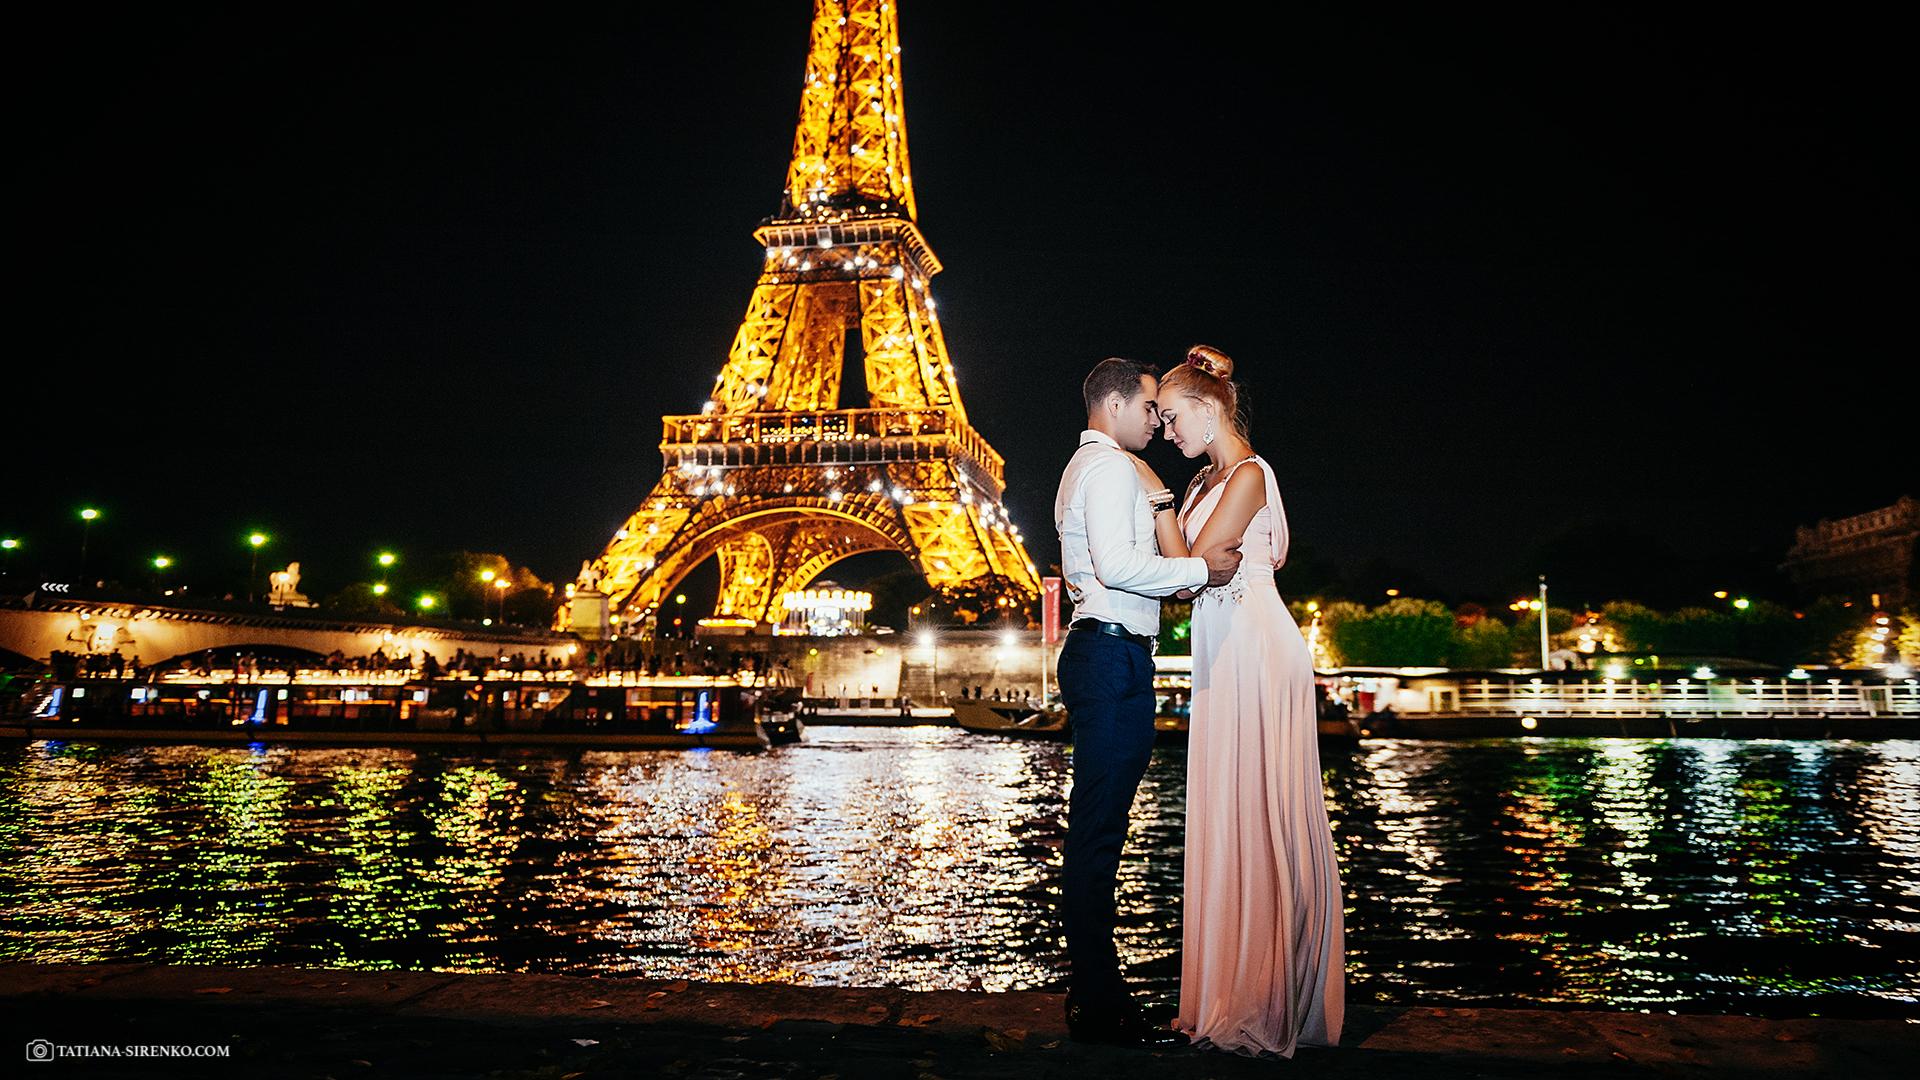 Lovе story во Франции